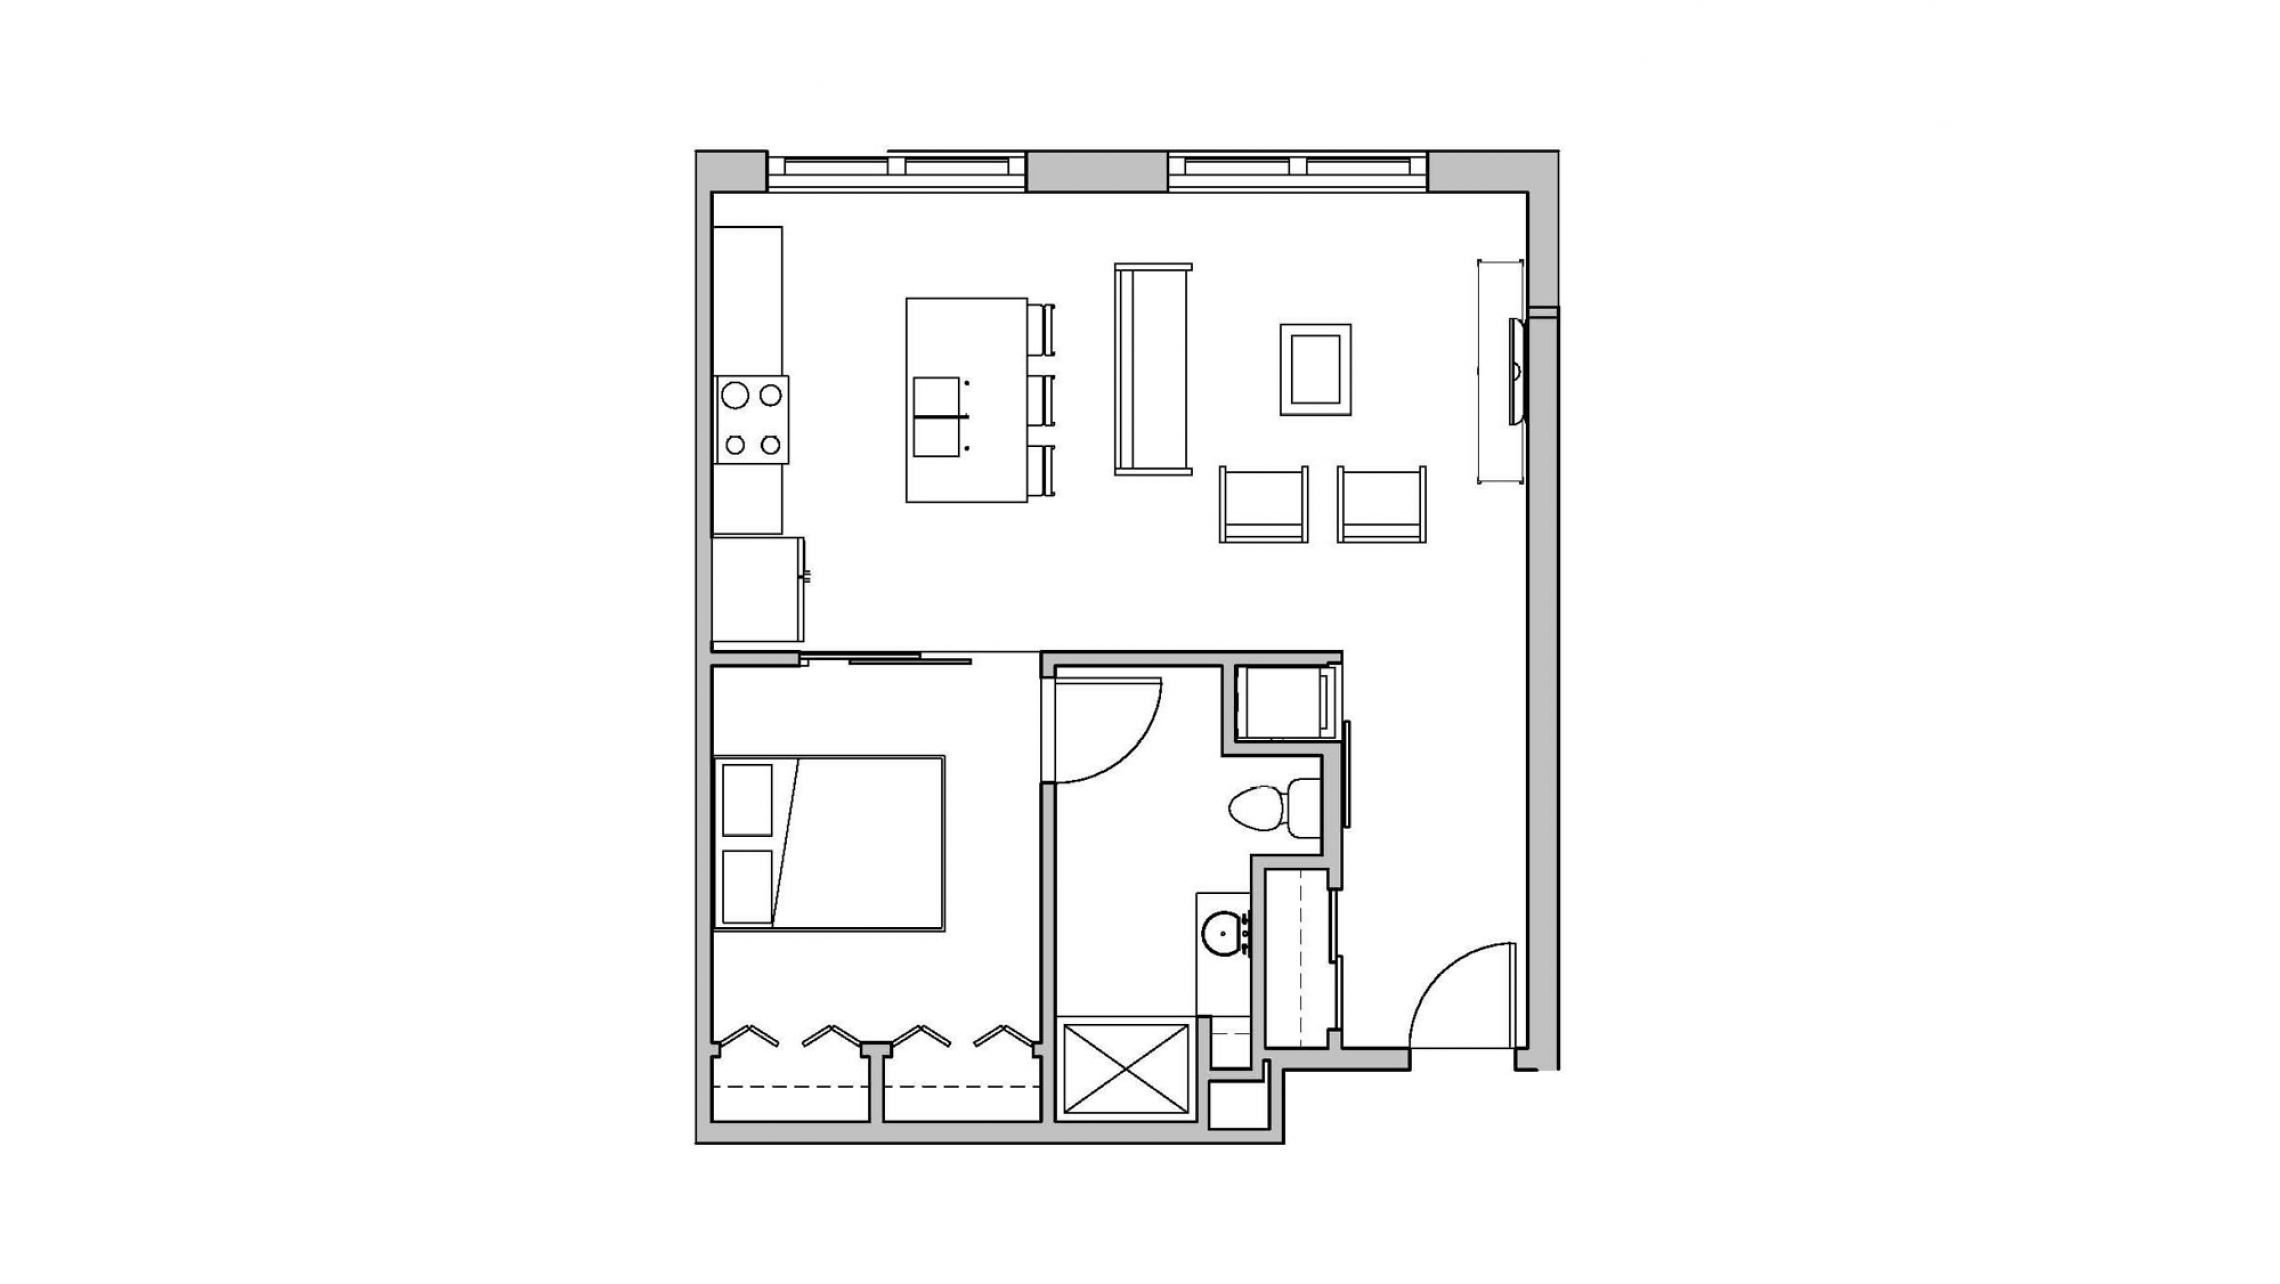 ULI Seven27 118 - One Bedroom, One Bathroom